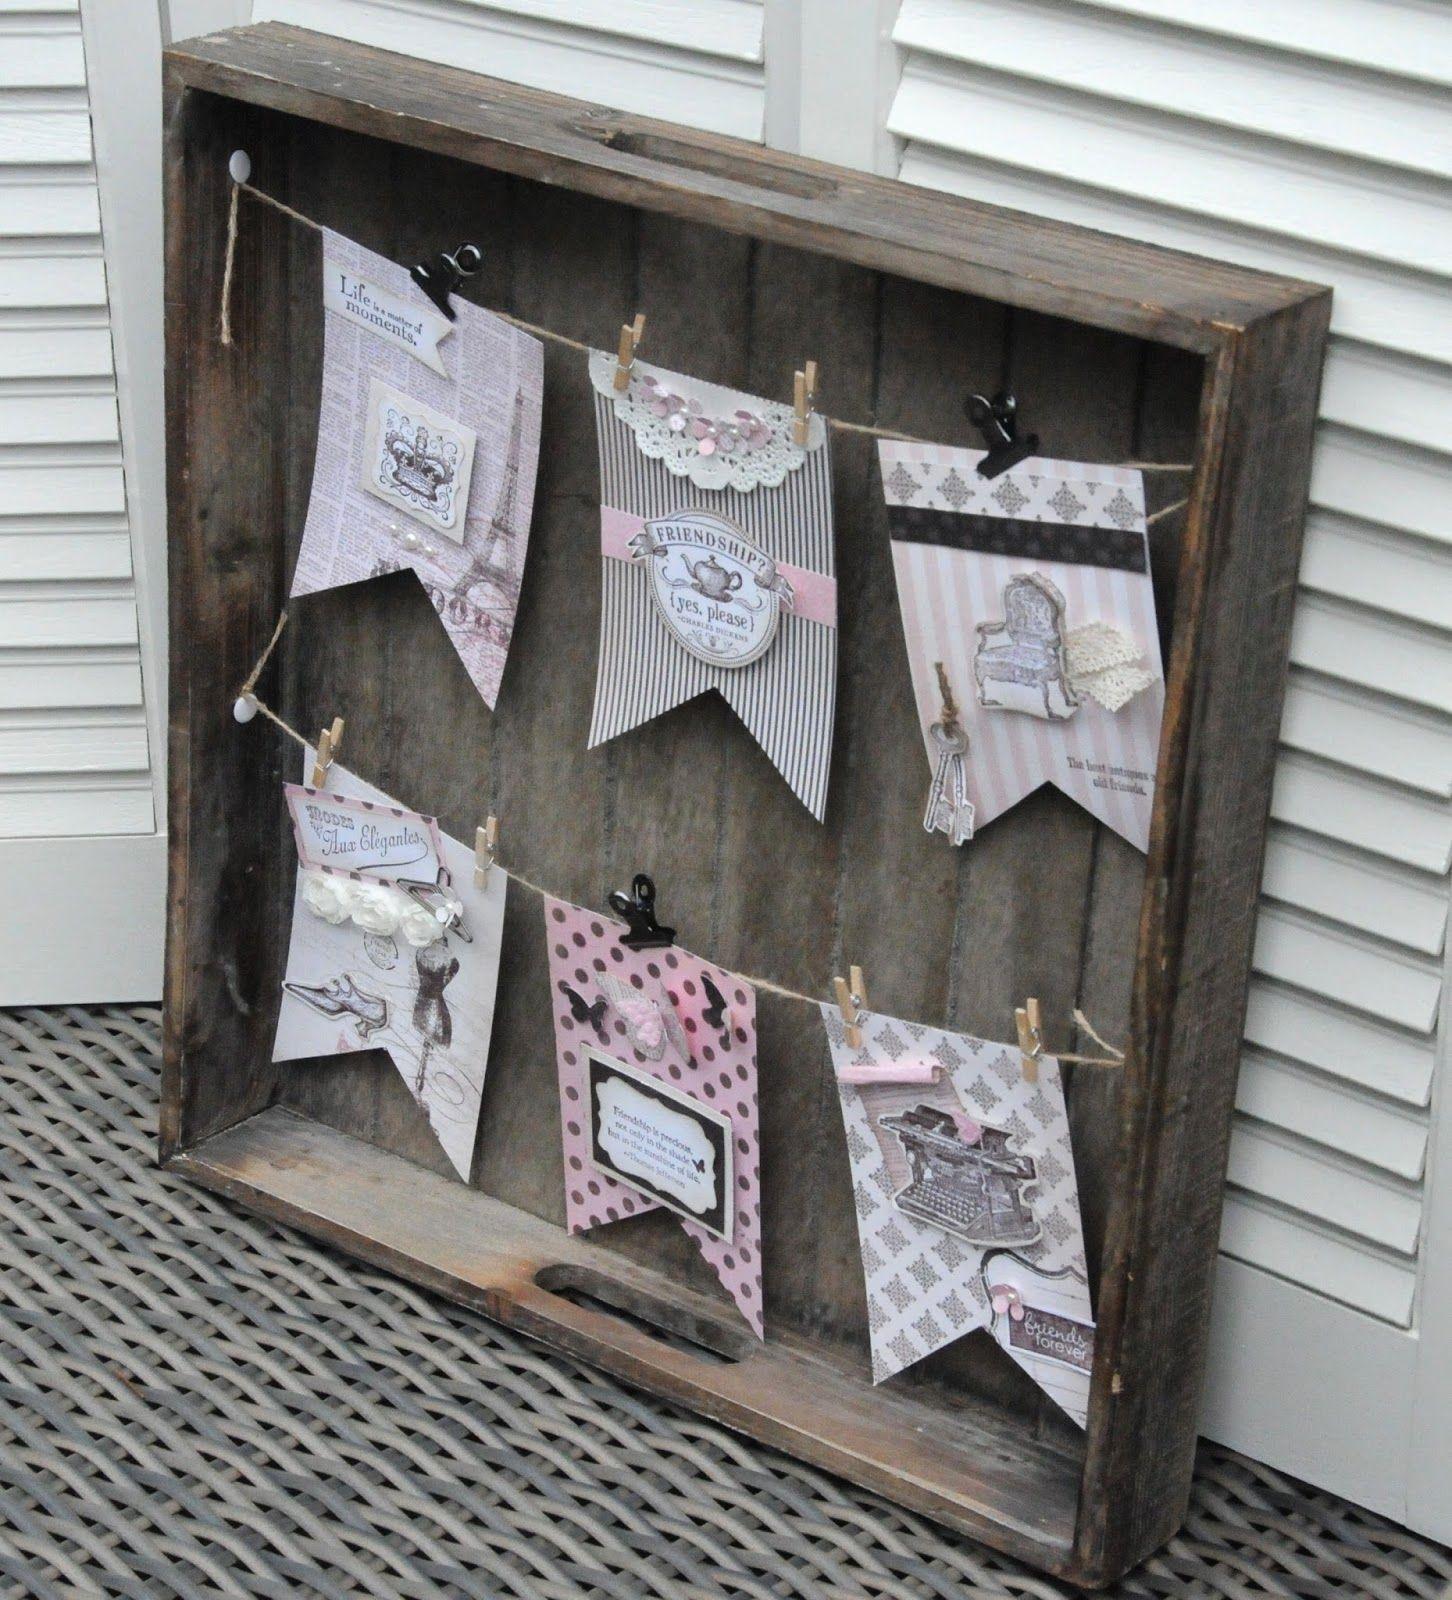 Laura's Creative Moments: Een oud dienblad een beetje opgeleukt met een slinger ... Like the banner embellishments